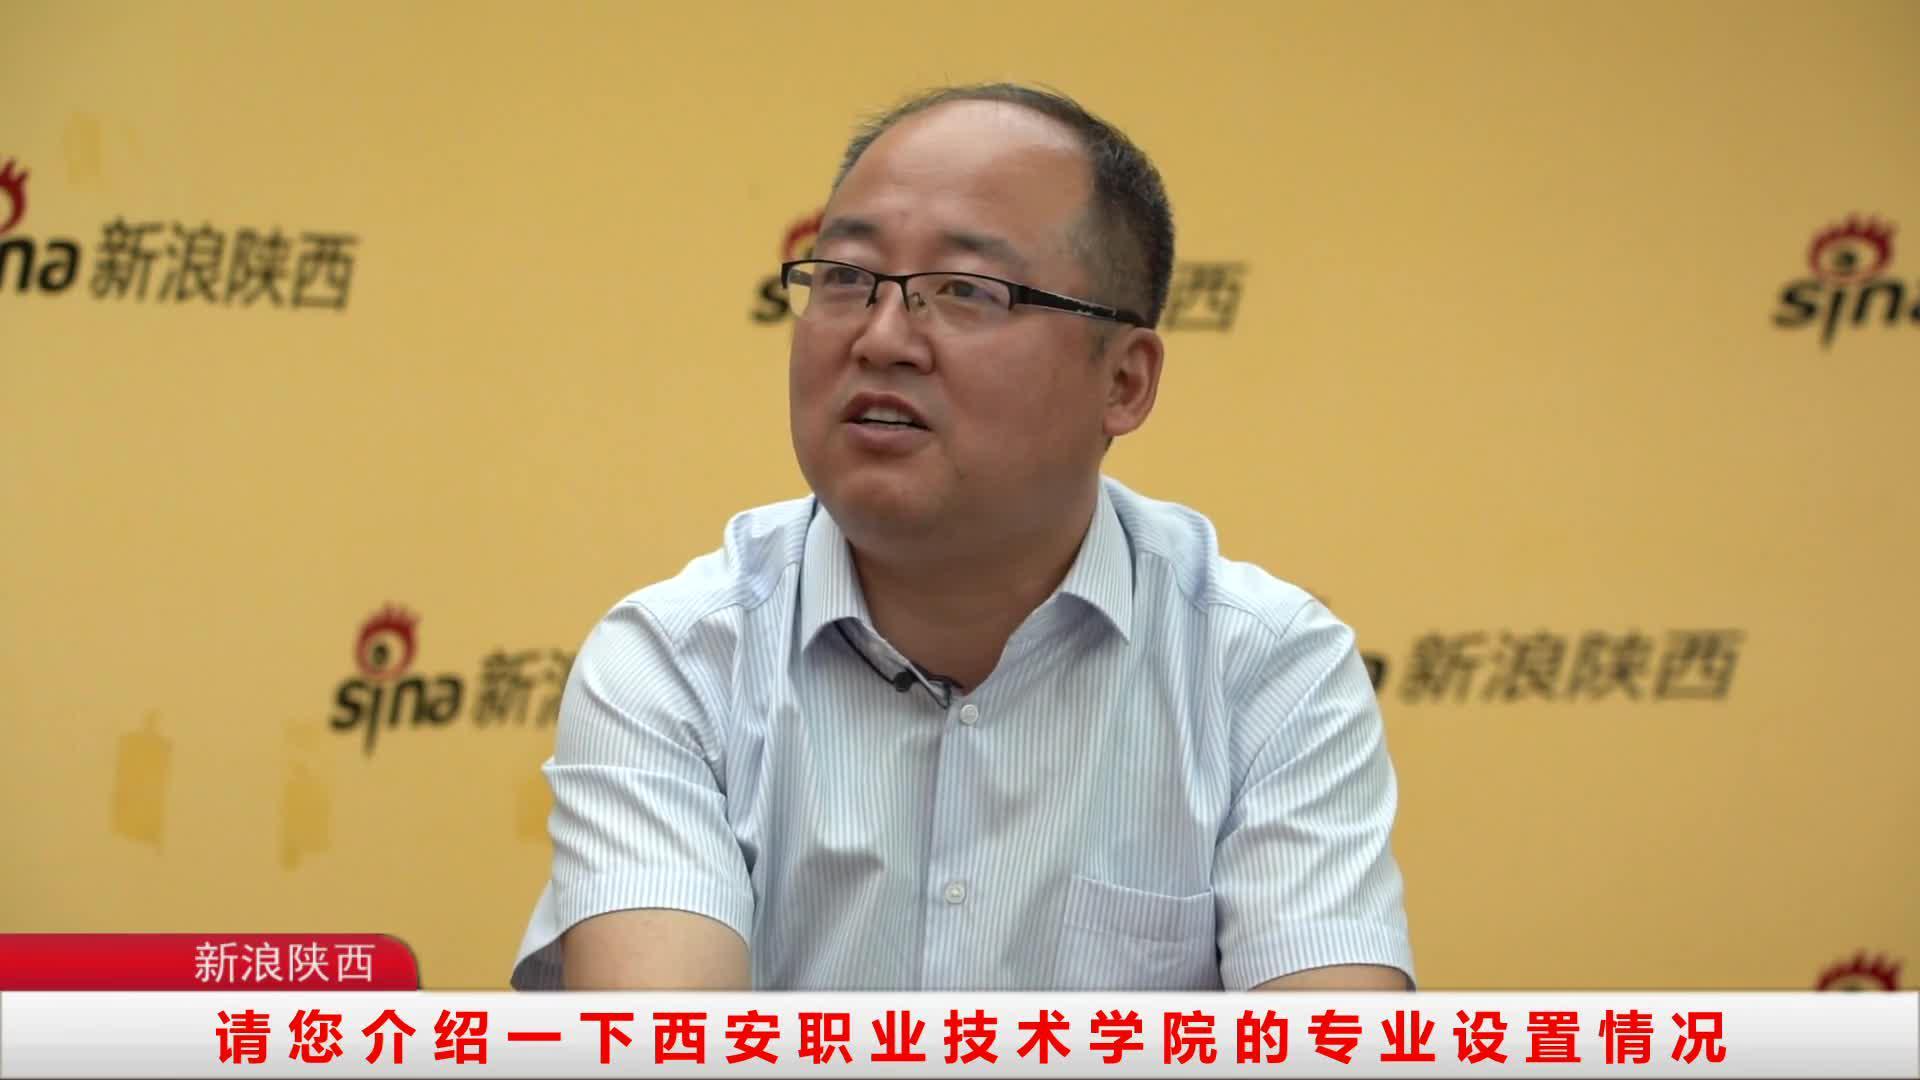 新浪陕西专访西安职业技术学院招办副主任王庚